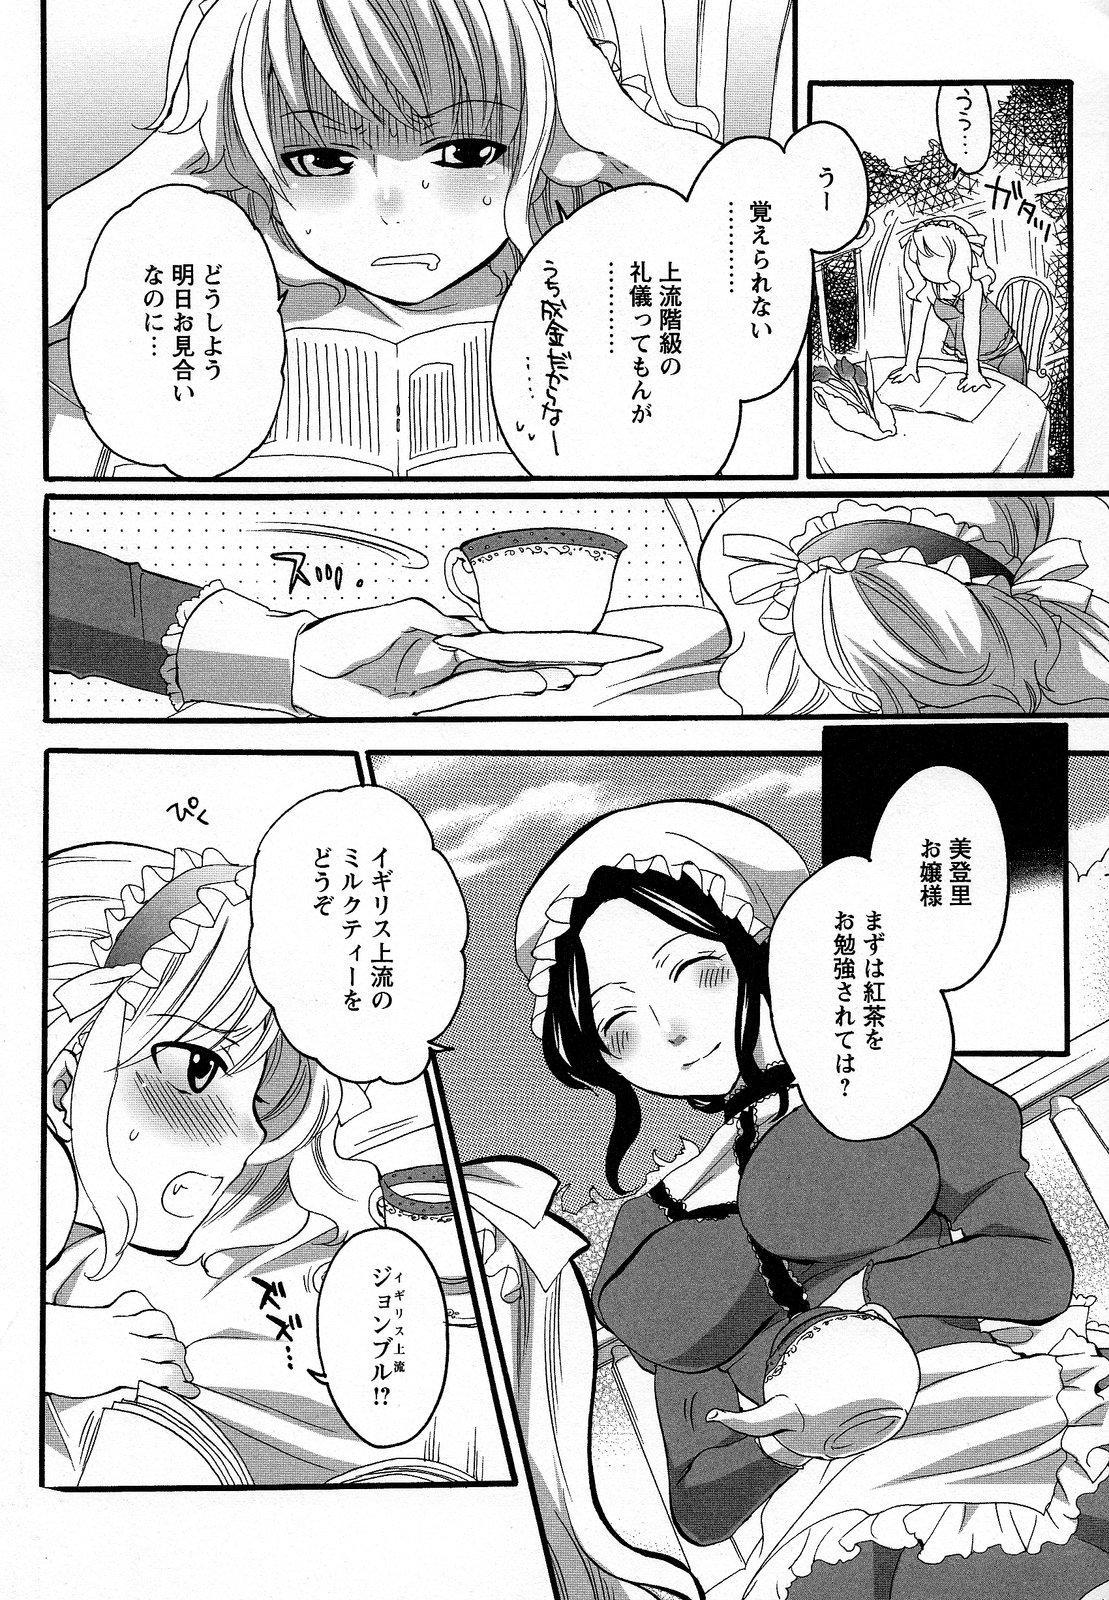 Boku ga Onee-sama no Mesu Dorei ni Narutoki 129